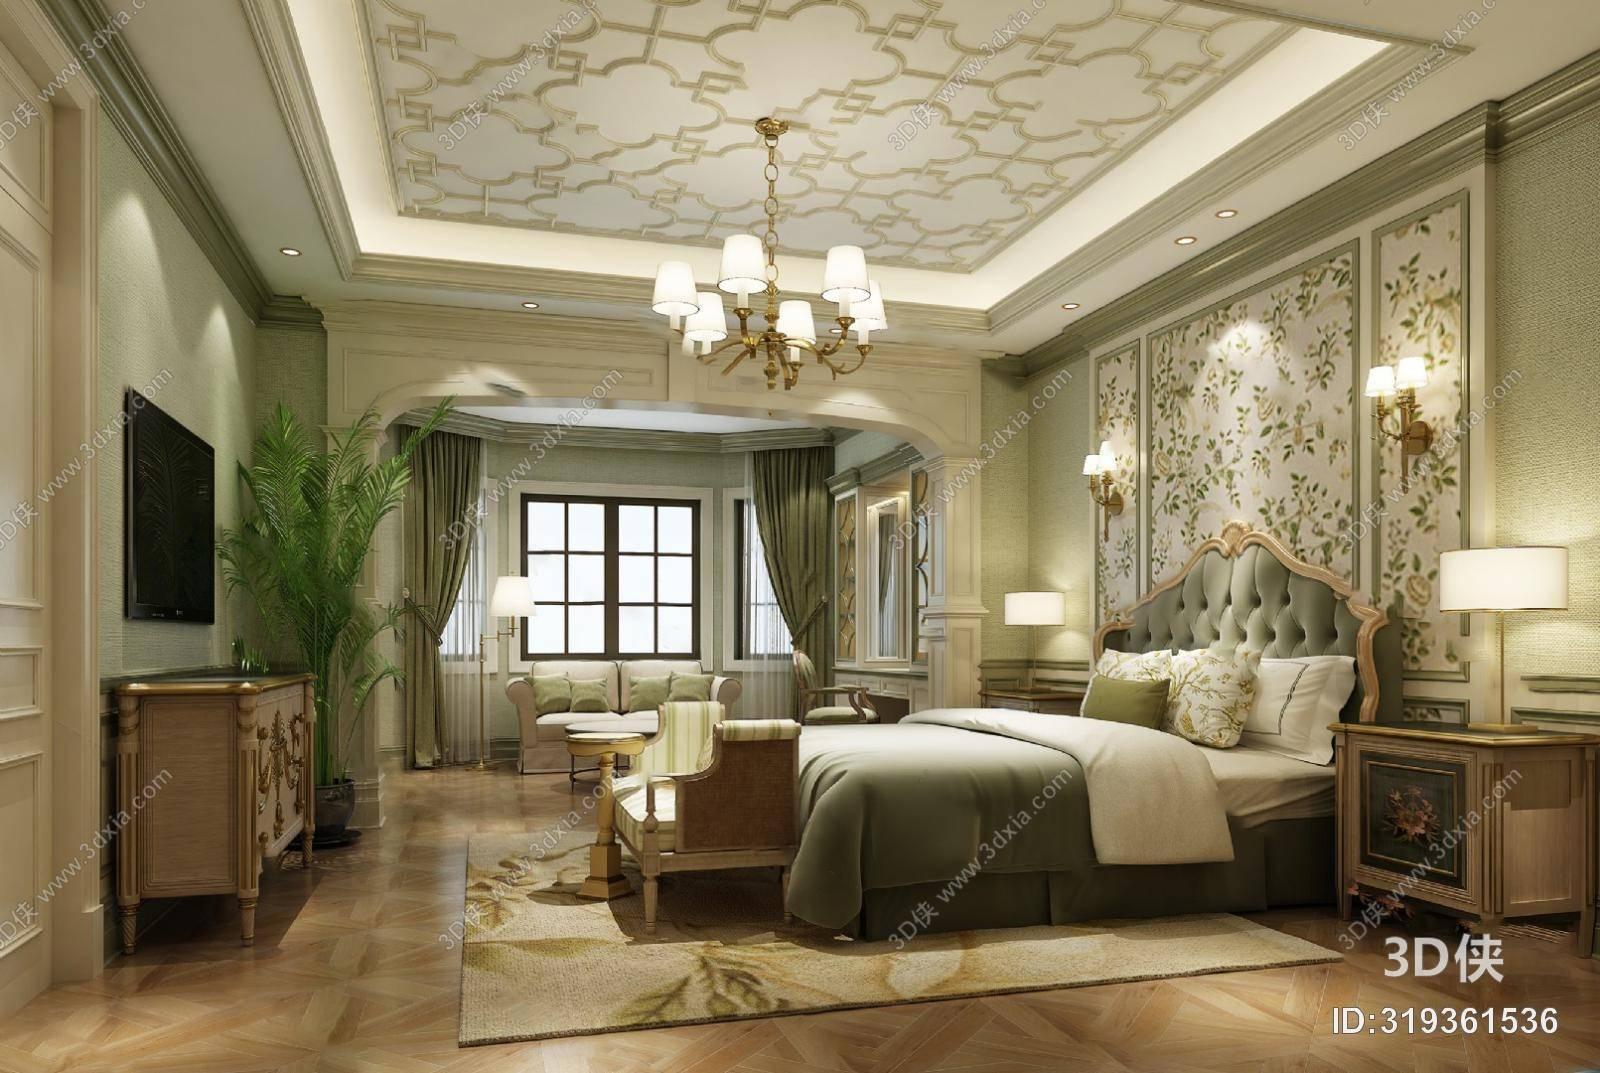 欧式卧室3D模型 双人床 床头柜 电视柜 吊灯